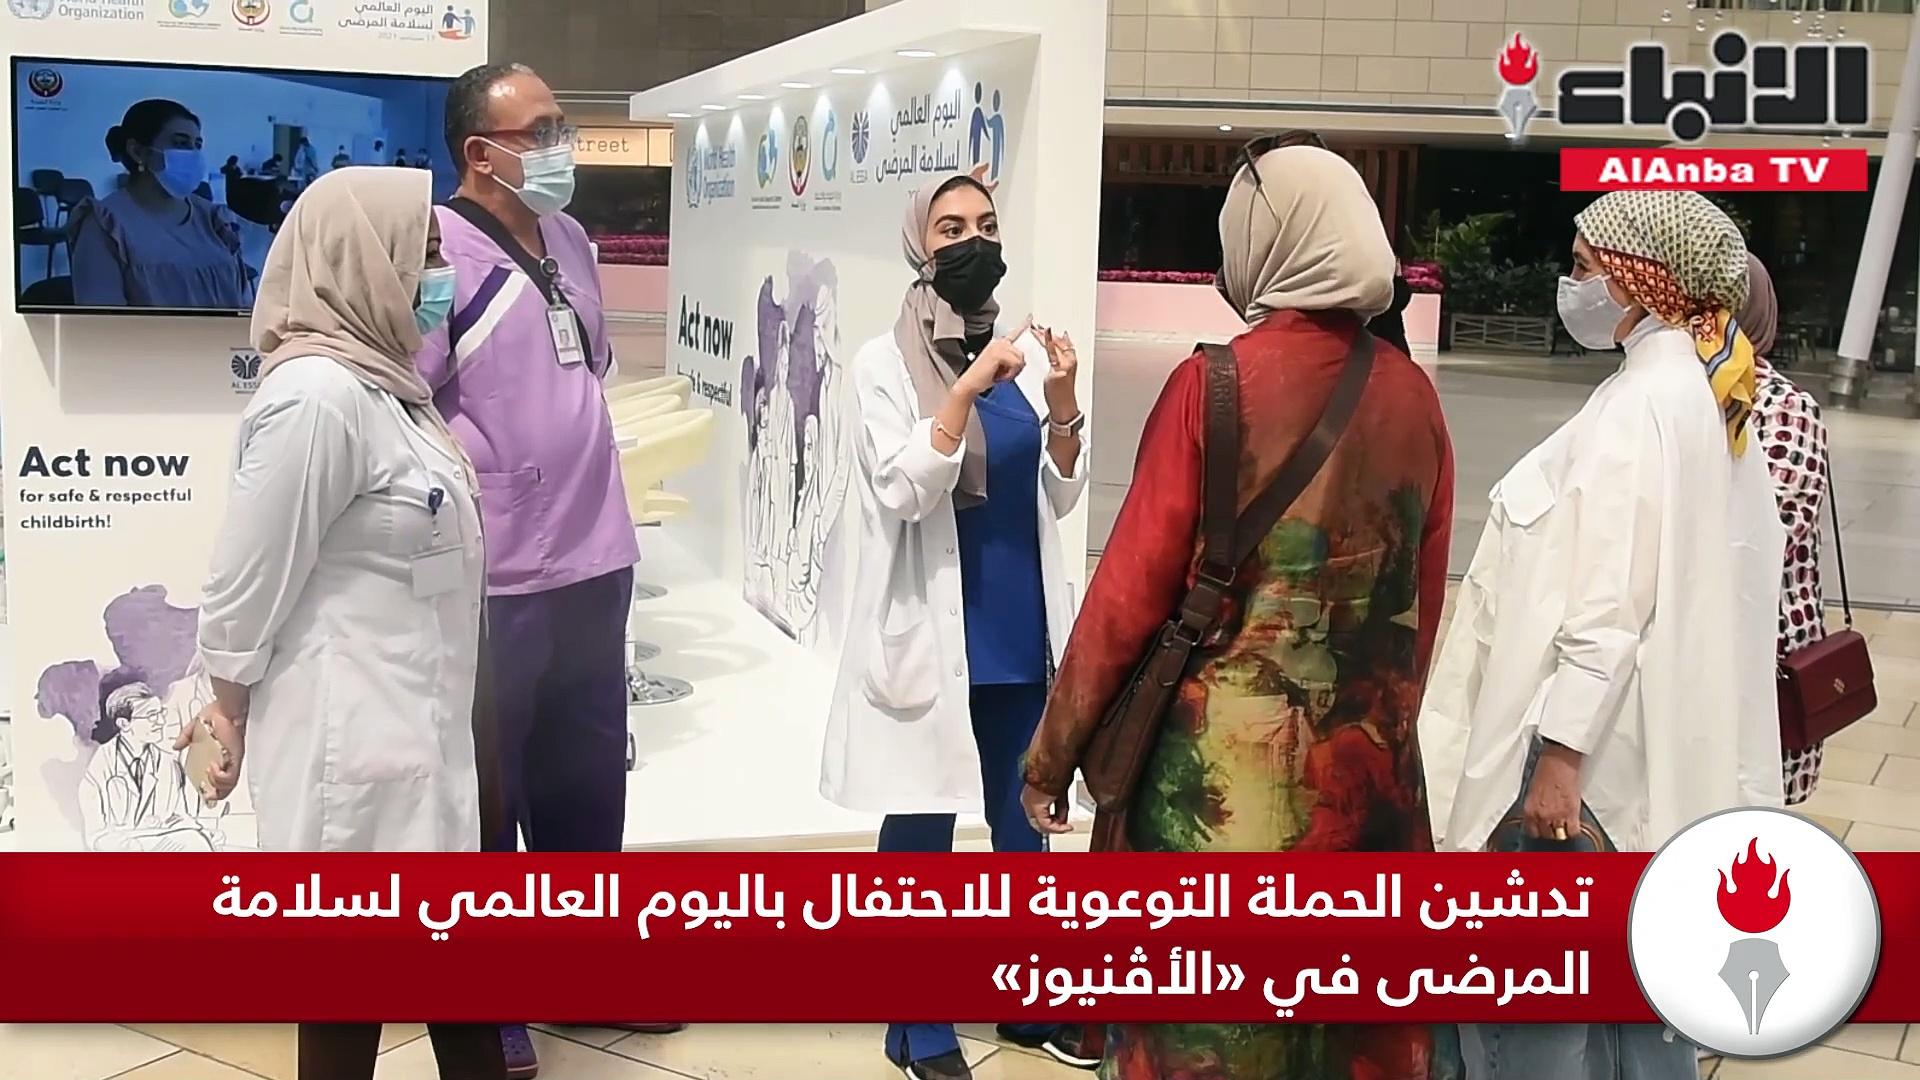 تدشين الحملة التوعوية للاحتفال باليوم العالمي لسلامة المرضى في «الأڤنيوز»